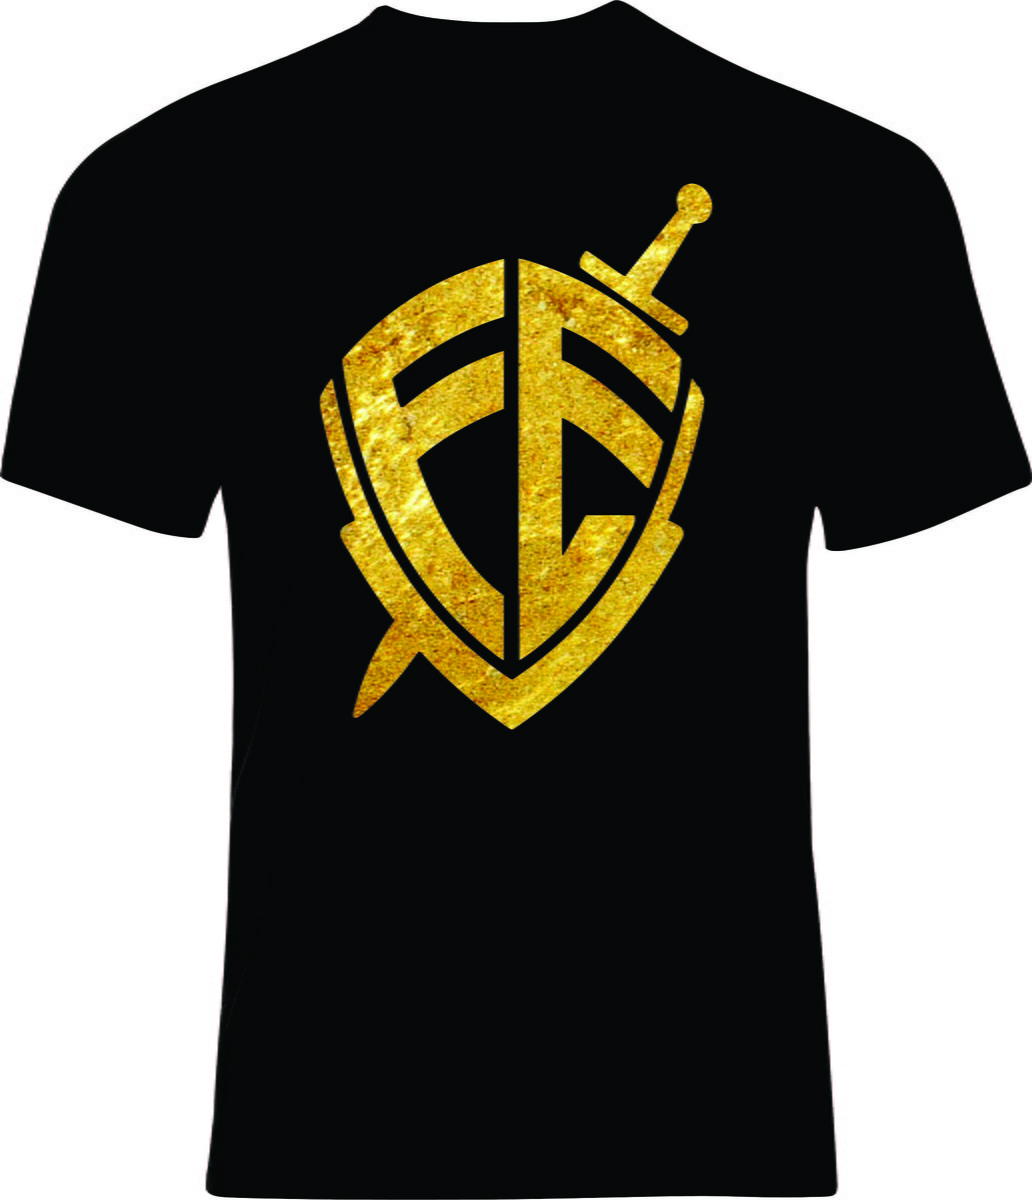 0cde2da5d9 Zoom · Camiseta Escudo da Fé